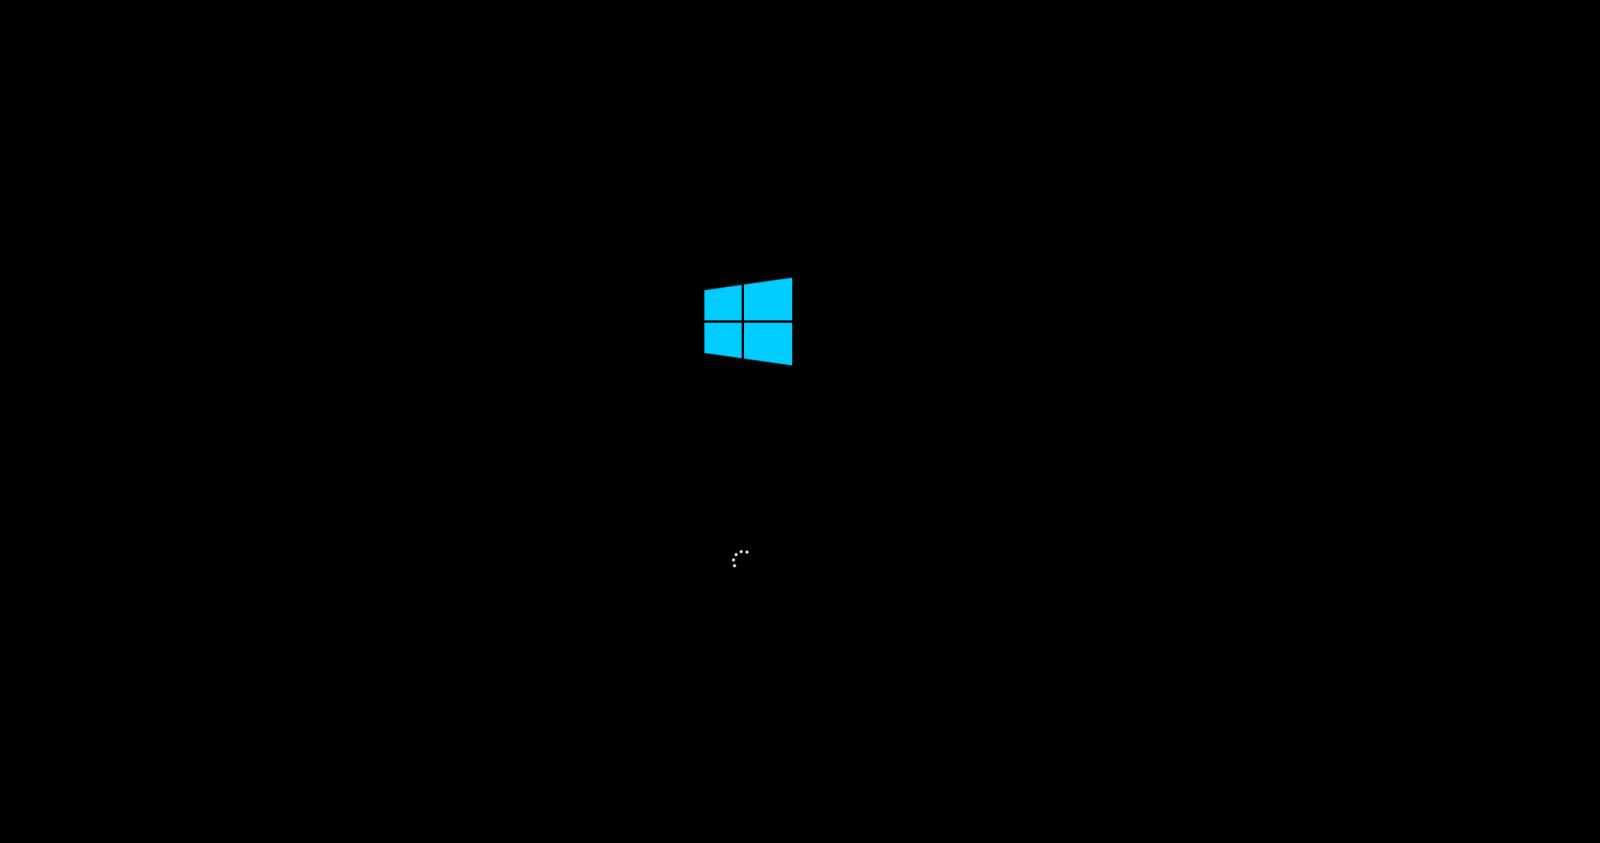 Začetek namestitev okolja Windows 10